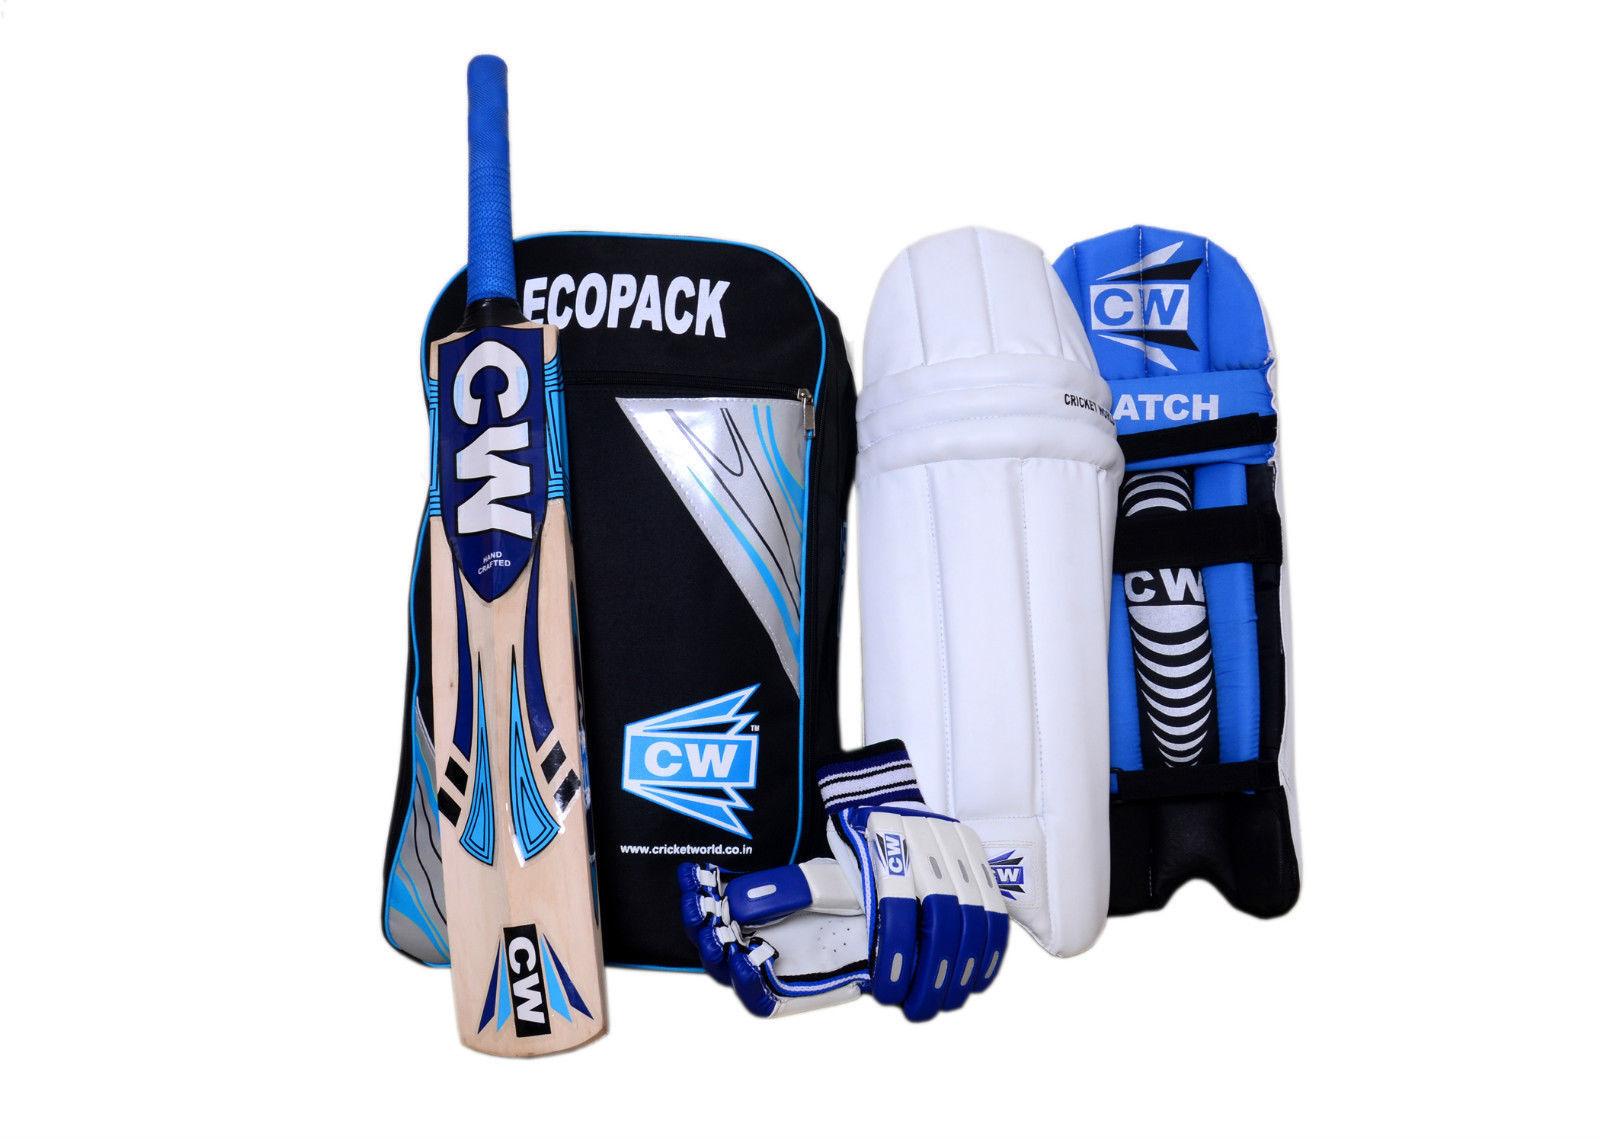 SMASHER 4 Pc bluee Kit Batting Equipment Match Training Set For Senior 13+& Above